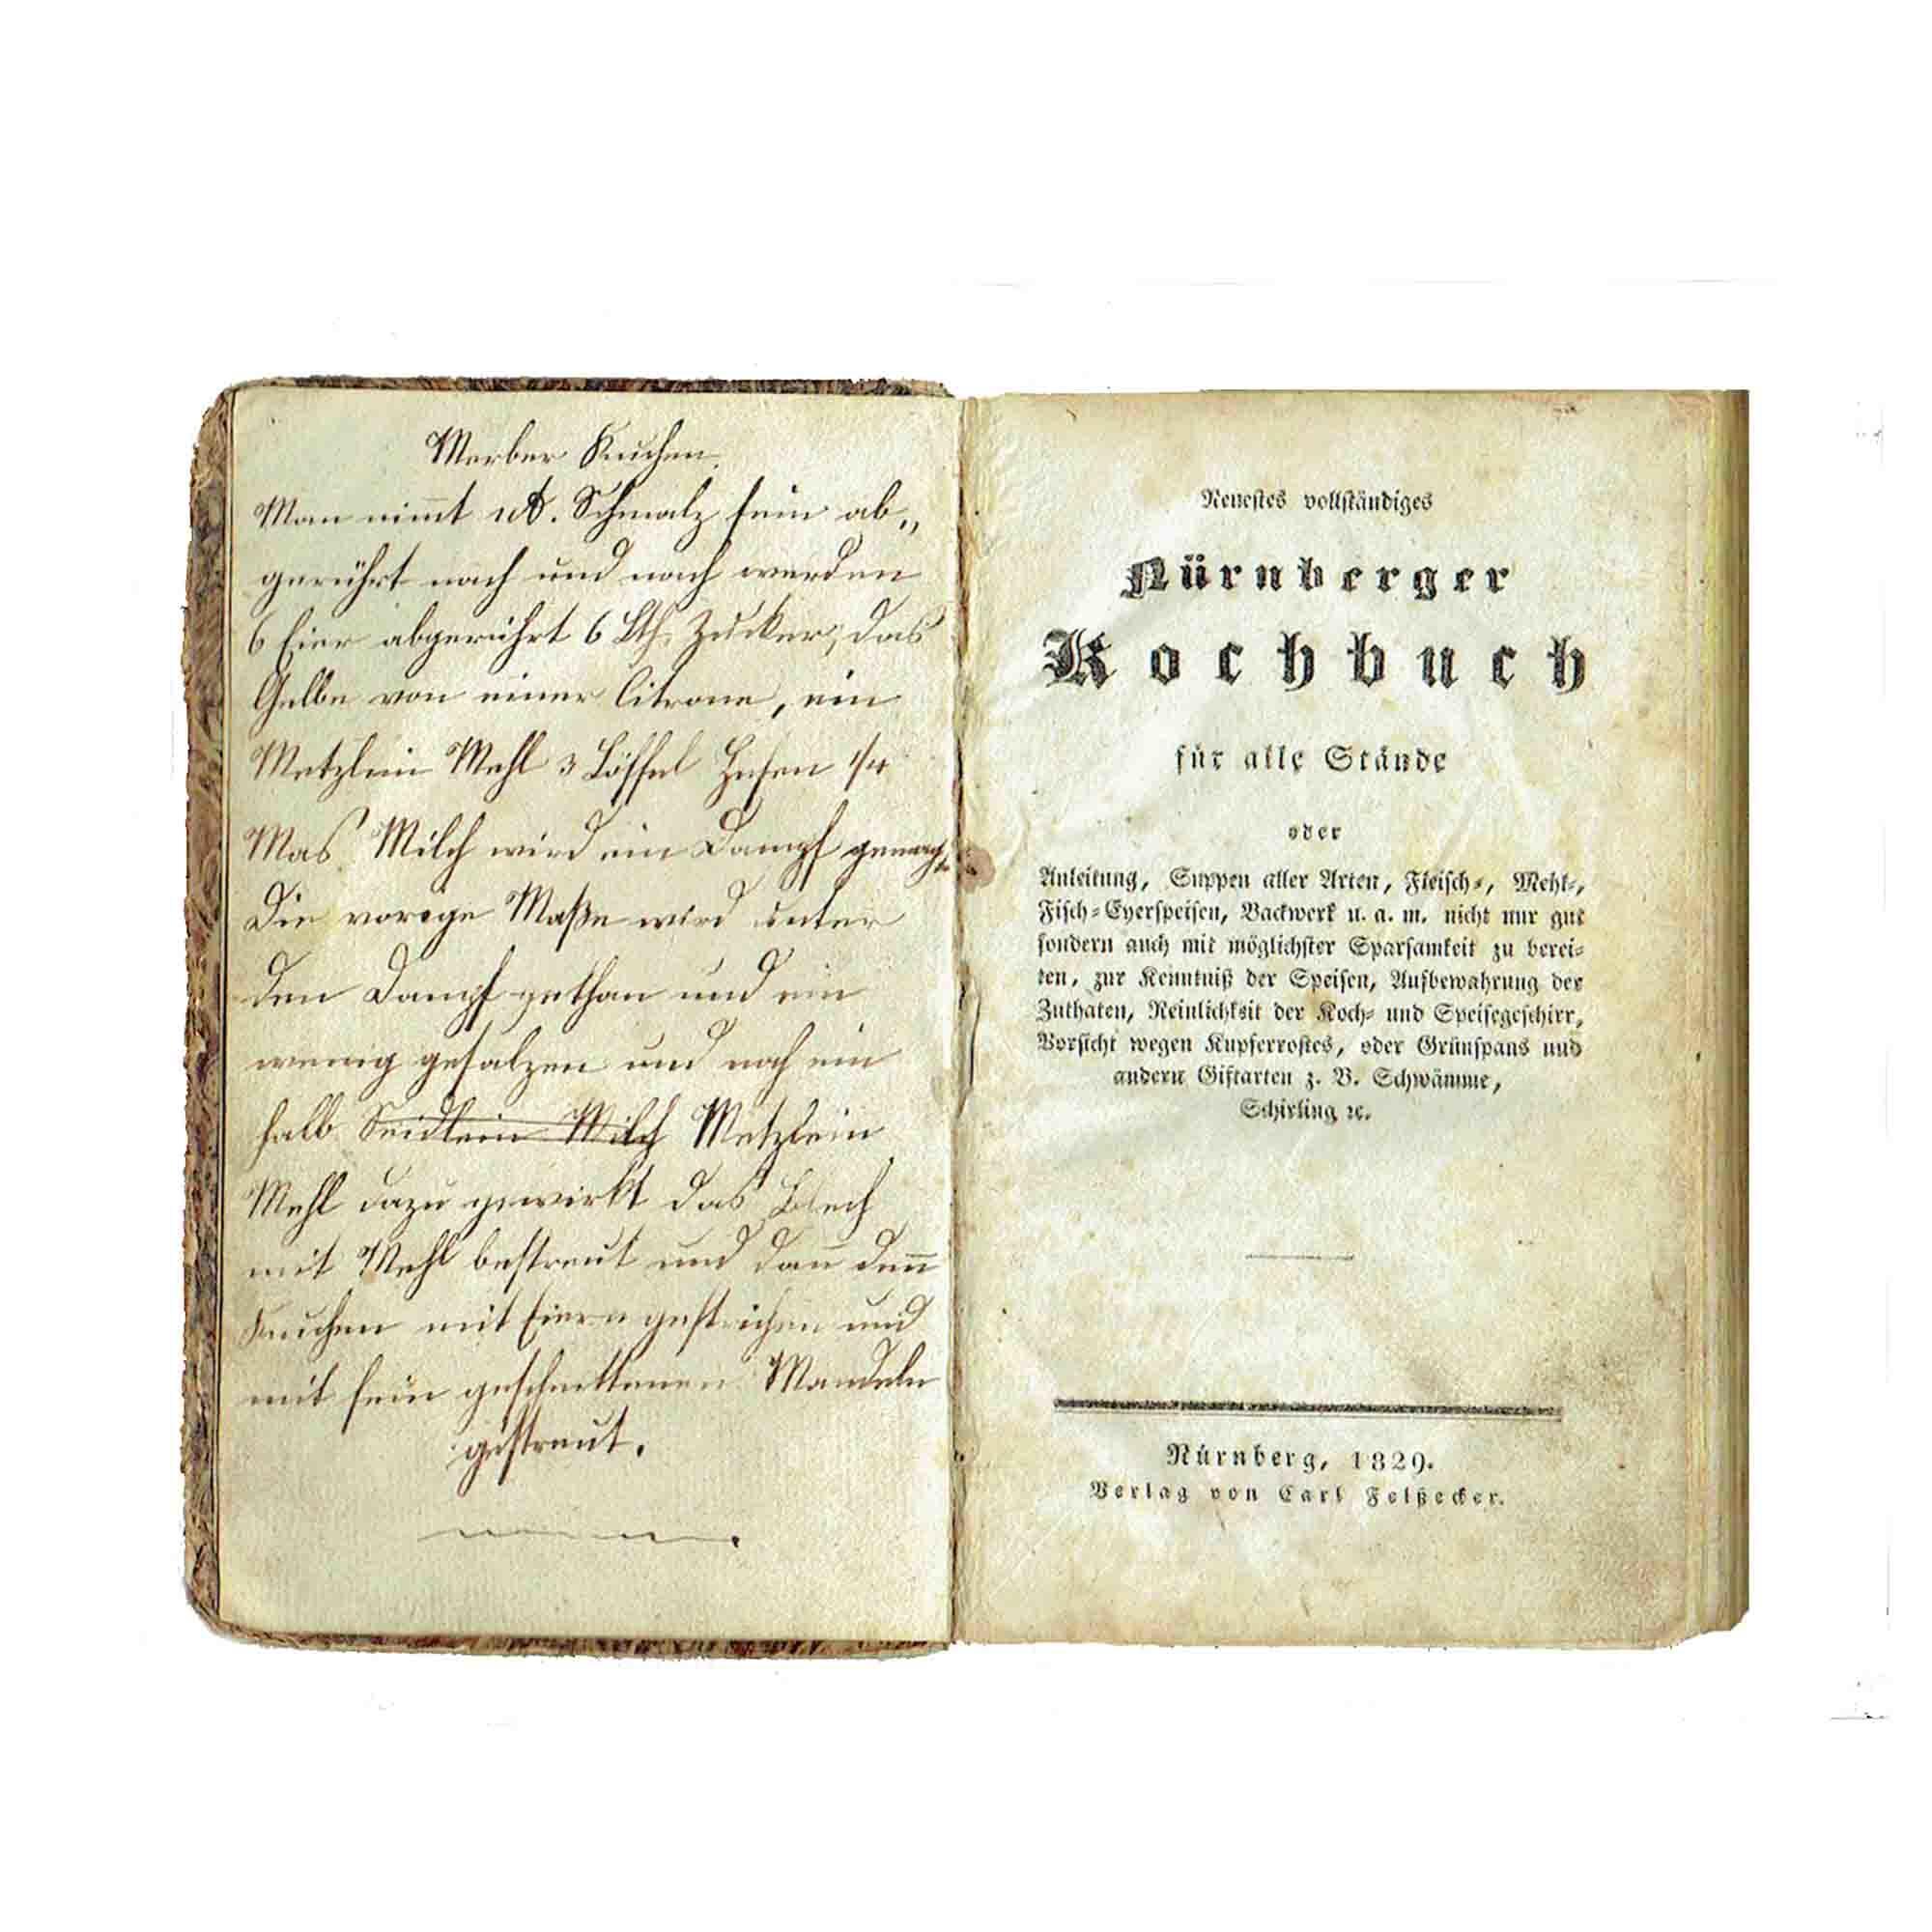 5424 Nürnberger Kochbuch 1829 Titel N